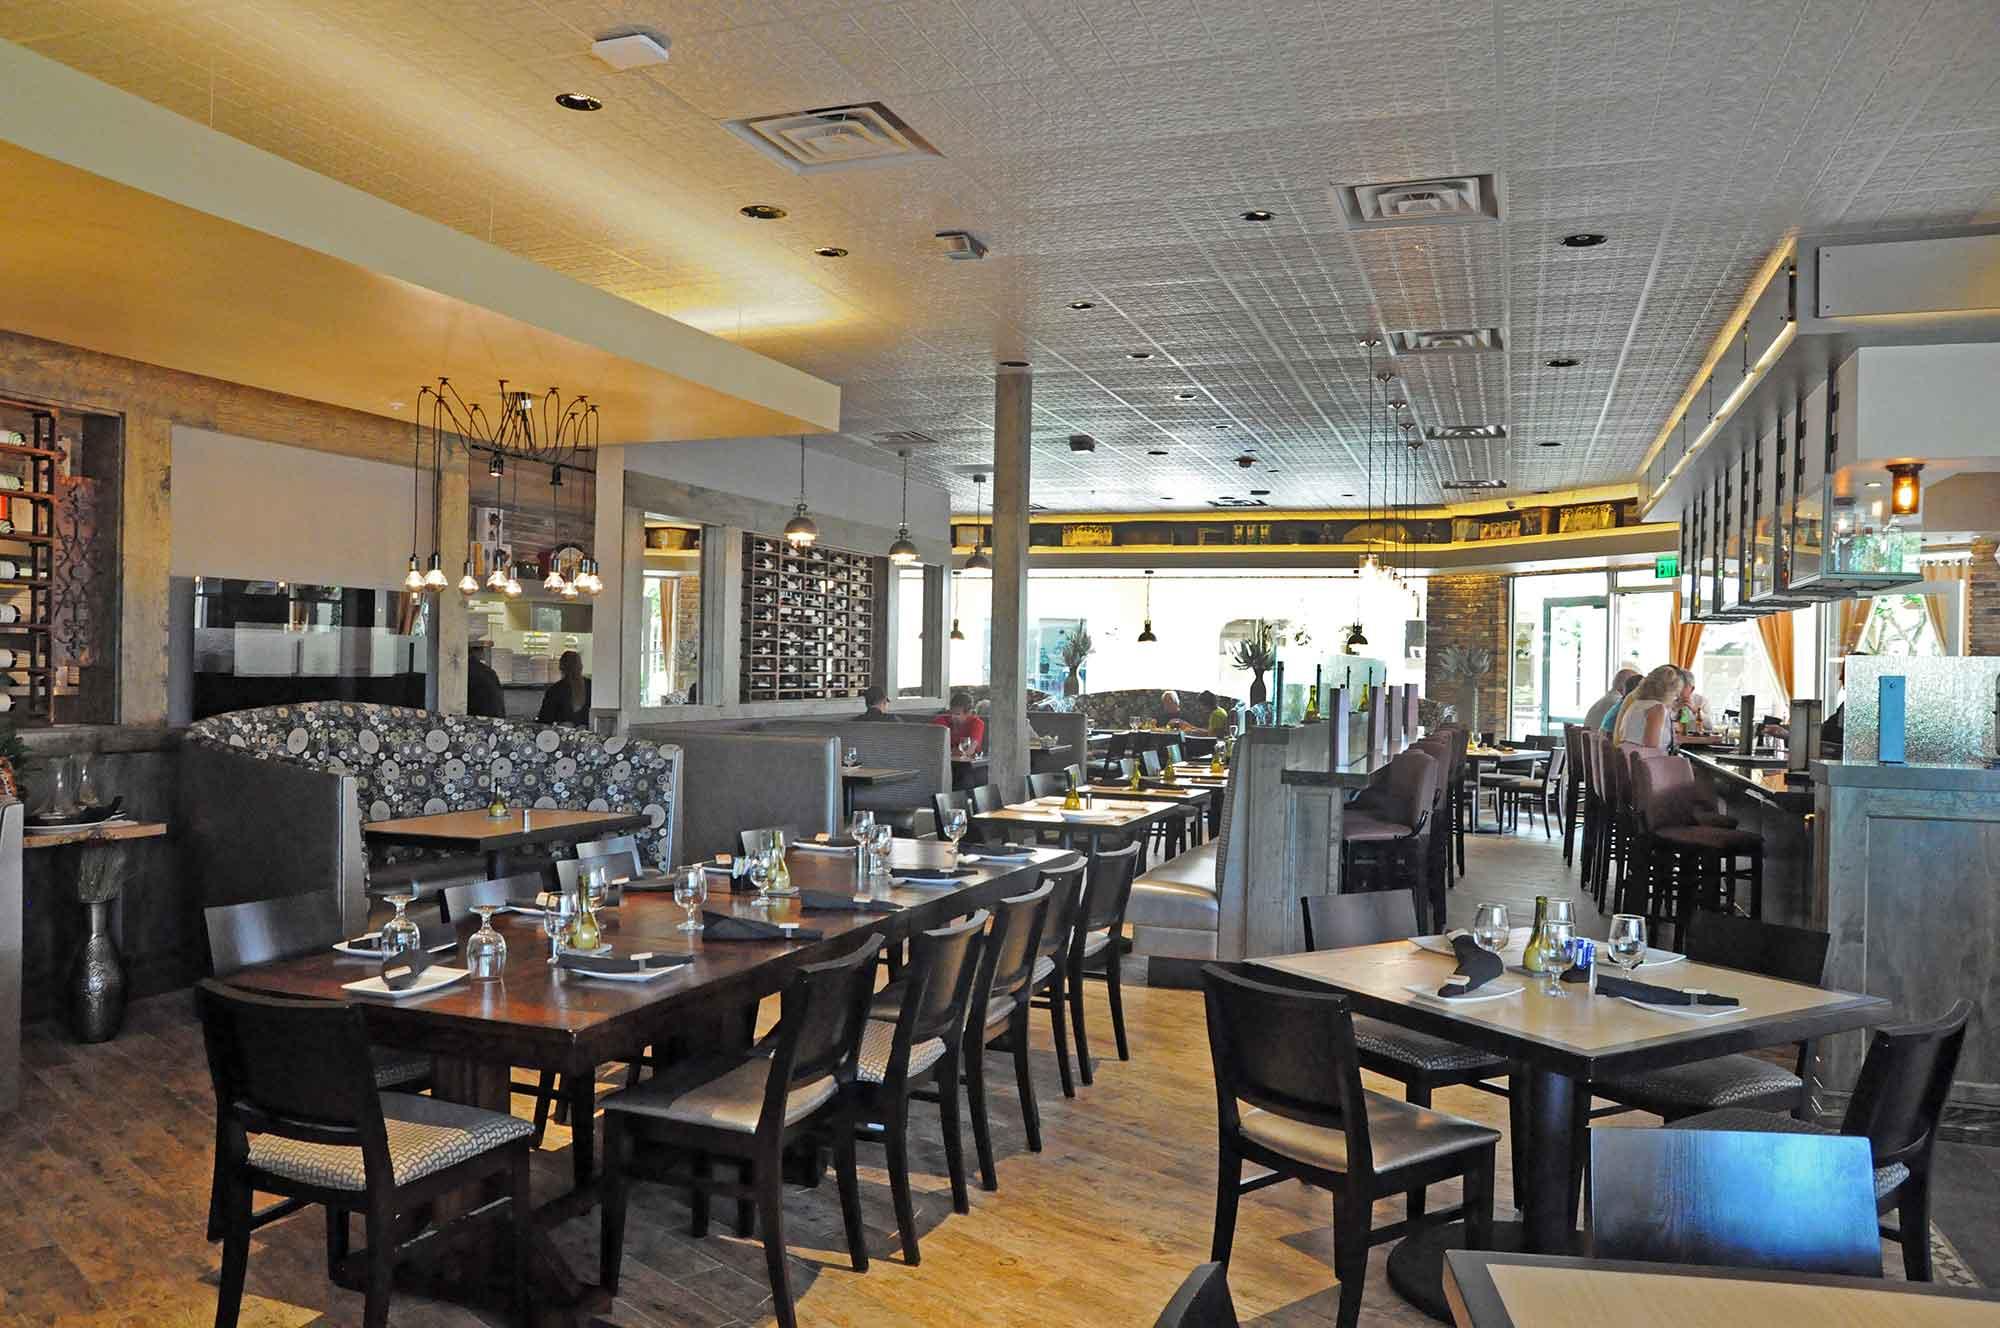 Deromo S Gourmet Market Amp Restaurants Gcm Contracting